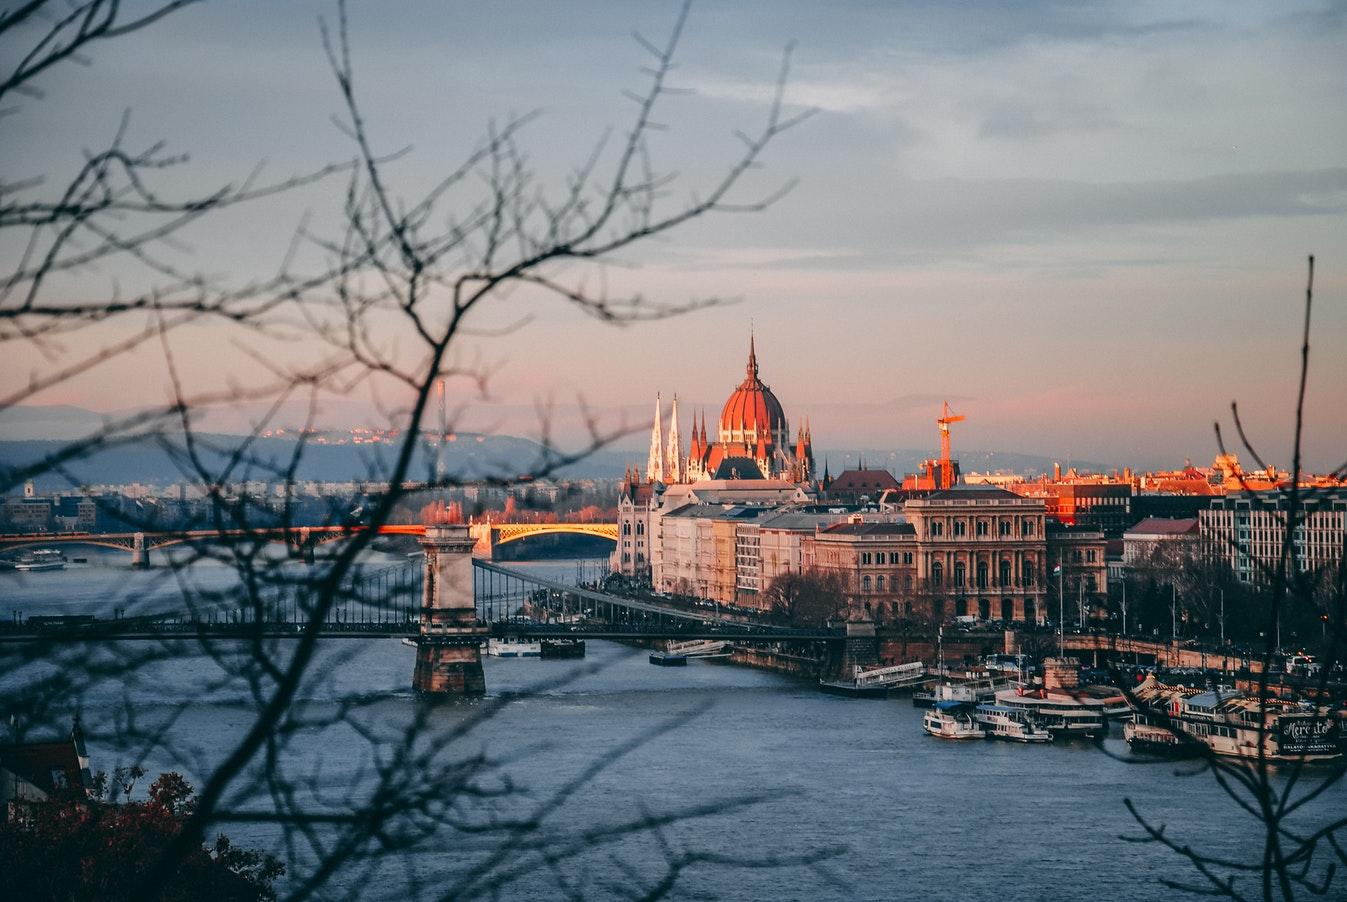 Séjour 5 jours / 4 nuits à l'hôtel 4* Marmara à Budapest, petit-déjeuner inclus, au départ de plusieurs villes (prix par personne)